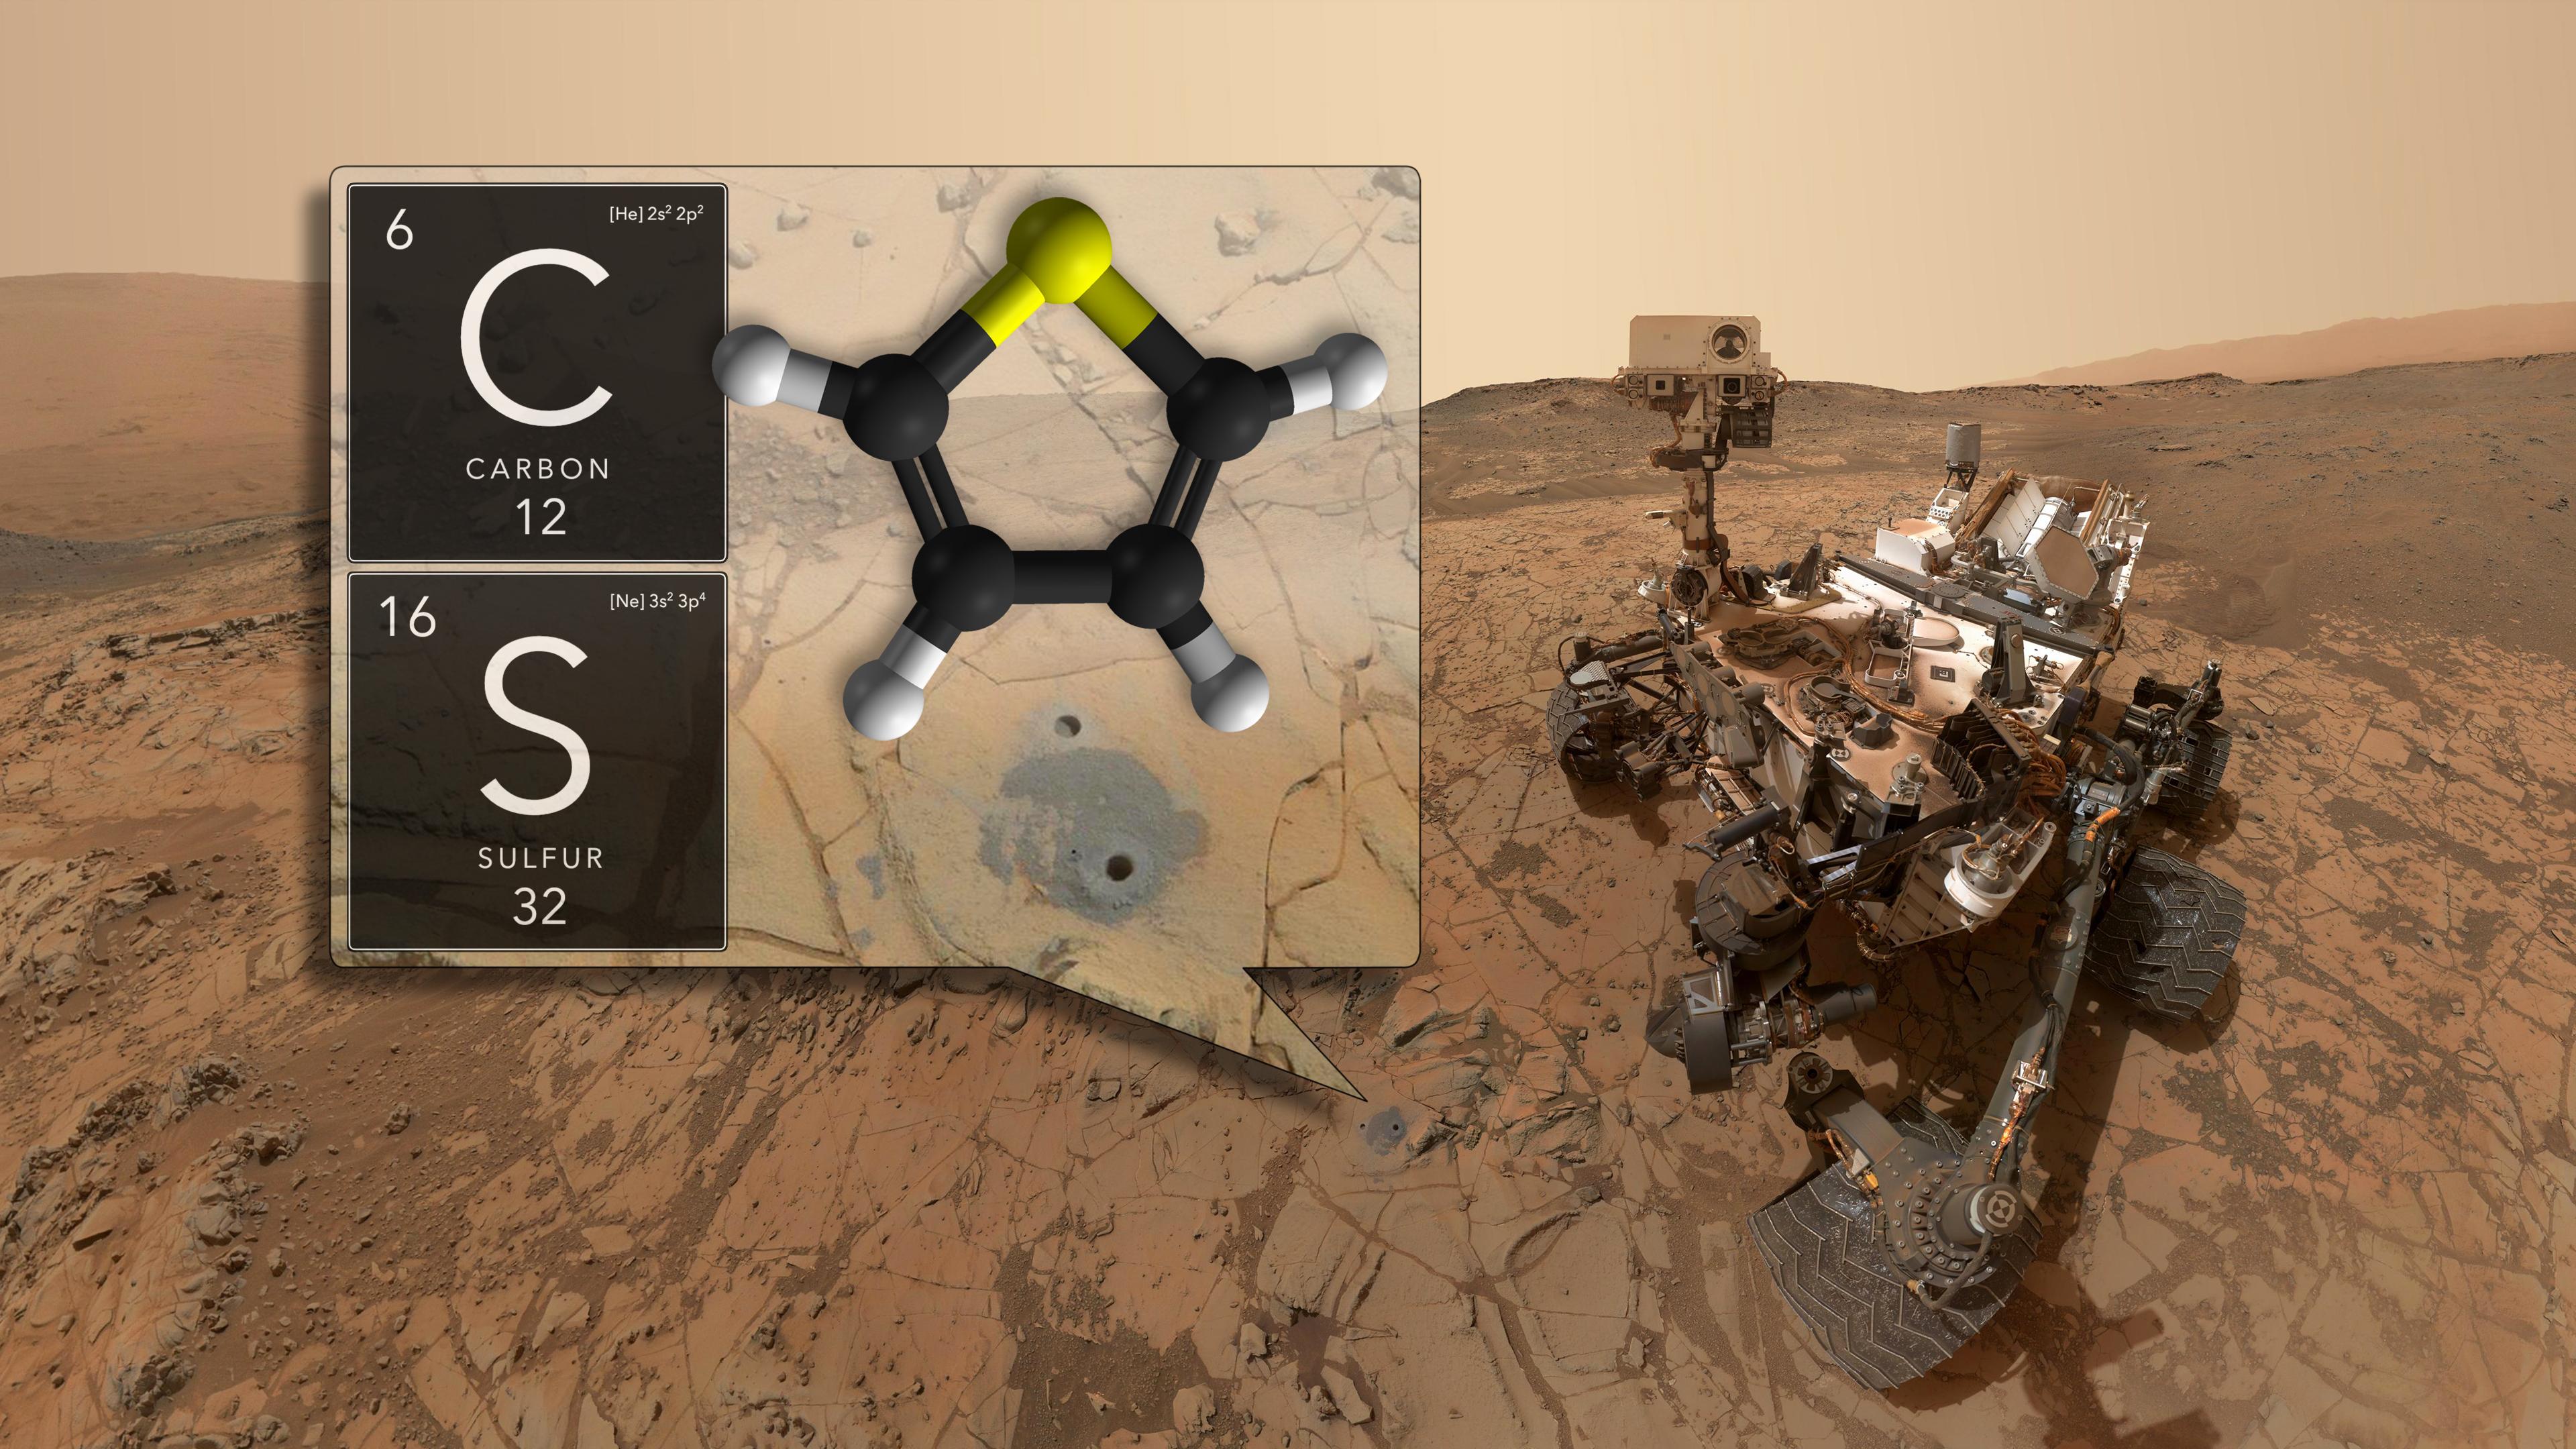 curiosity_methane_main